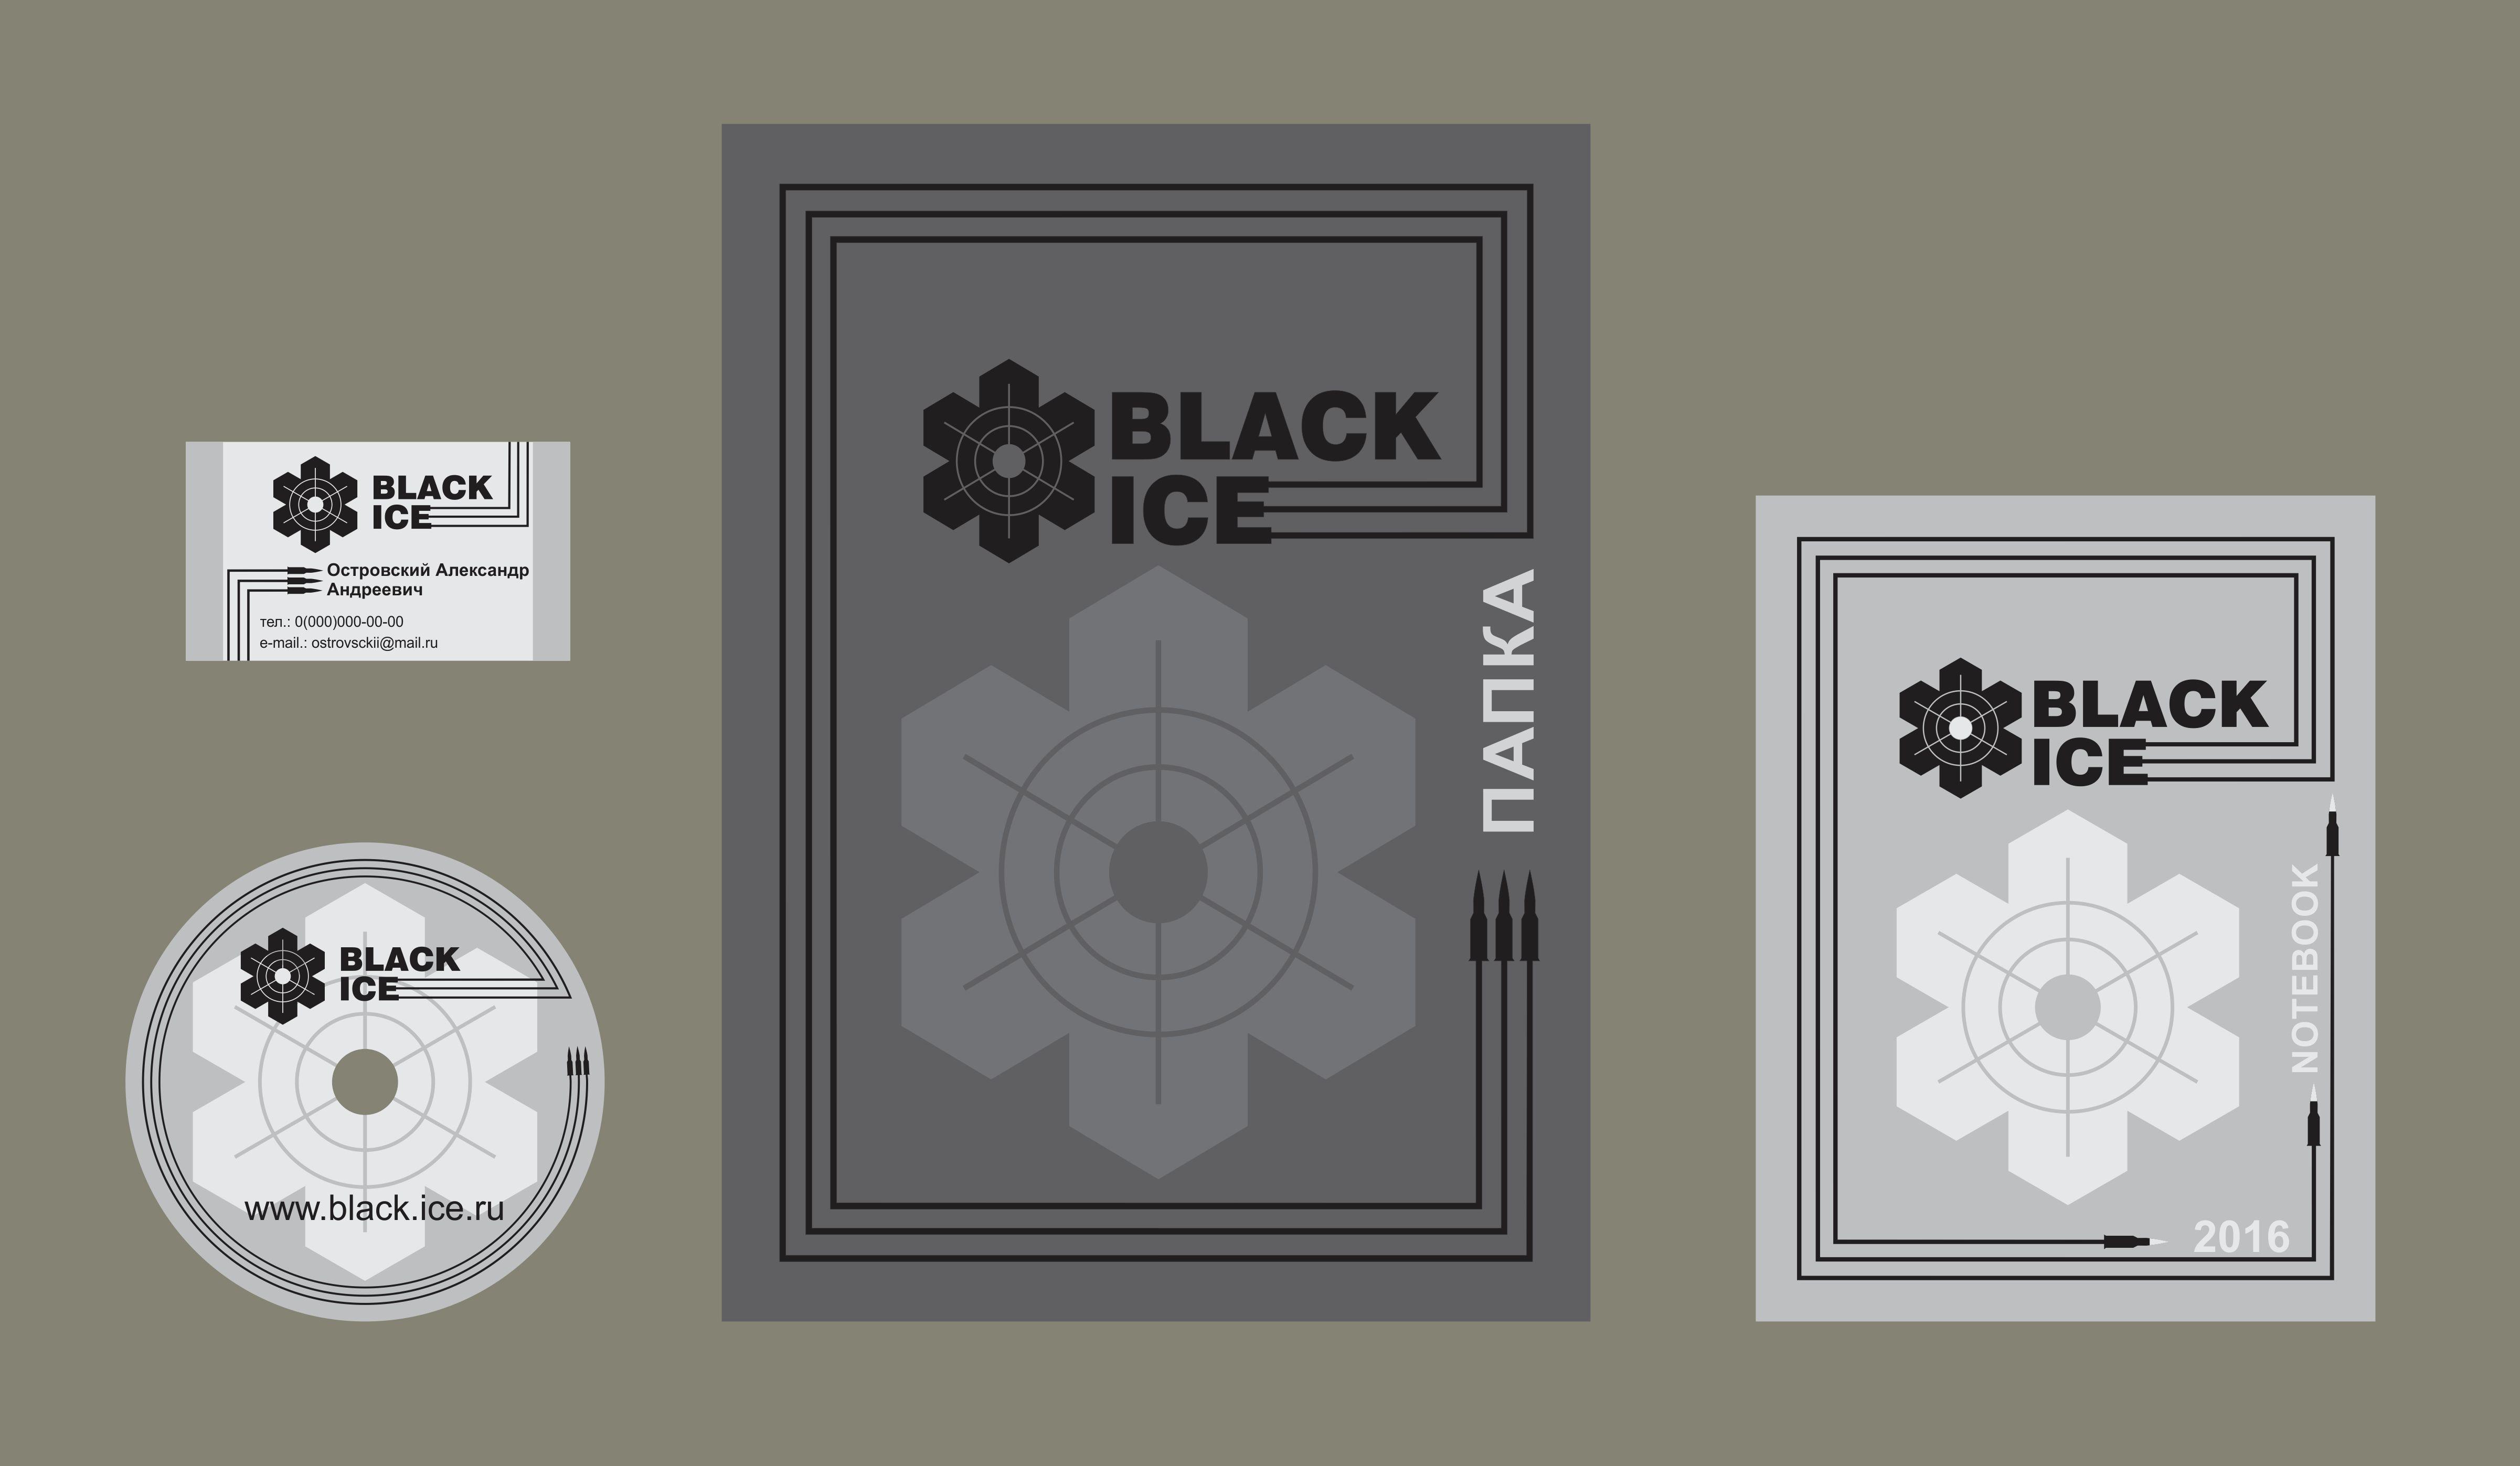 """Логотип + Фирменный стиль для компании """"BLACK ICE"""" фото f_756571797f6a497c.jpg"""